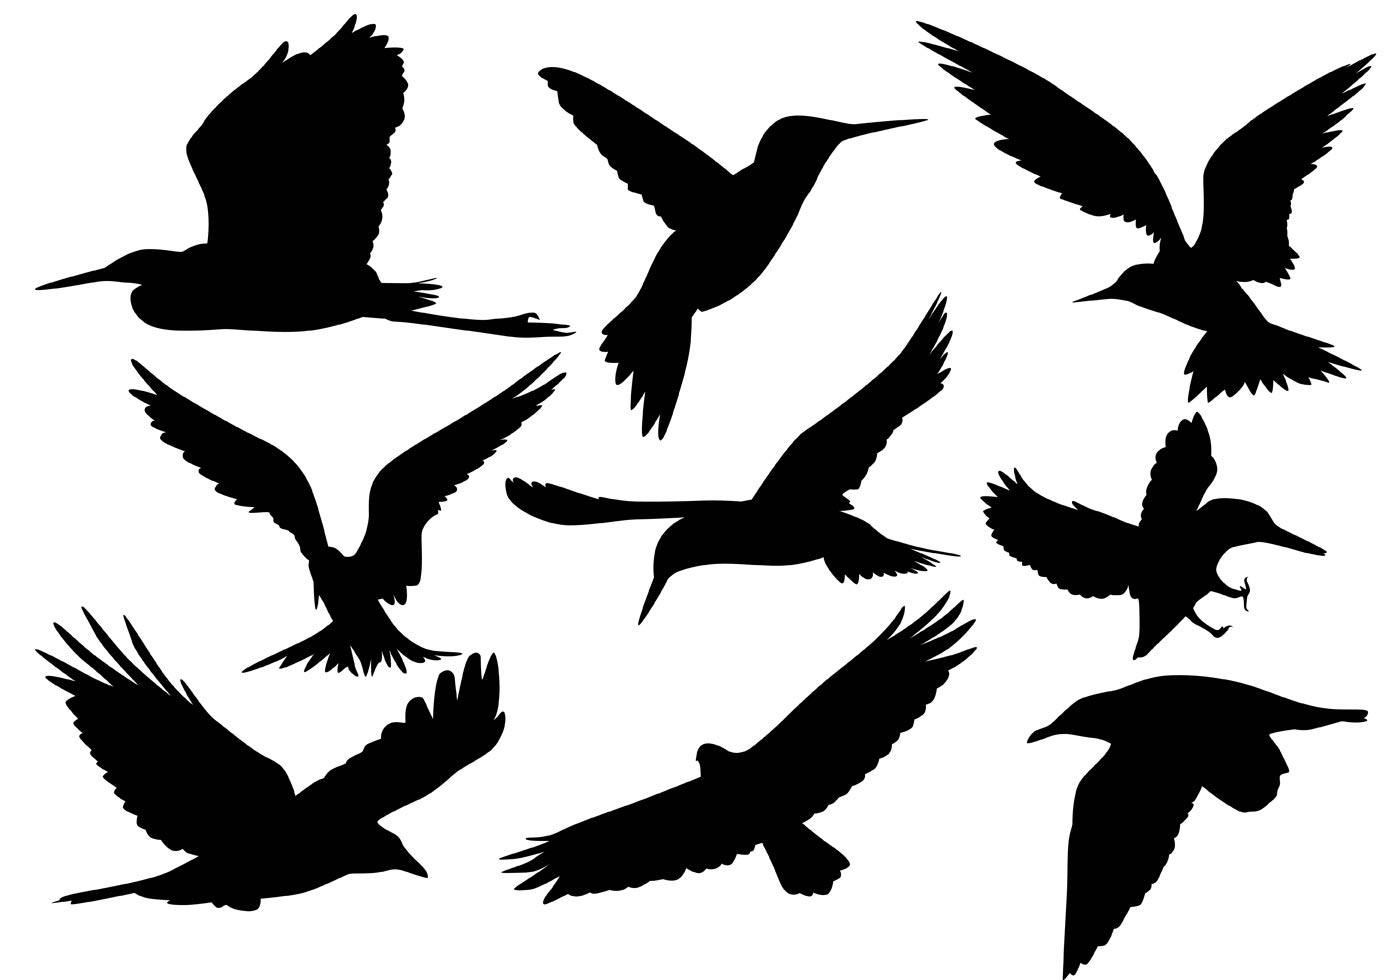 flying bird silhouette vectors download free vector art stock rh vecteezy com bird vector graphics bird vector graphics